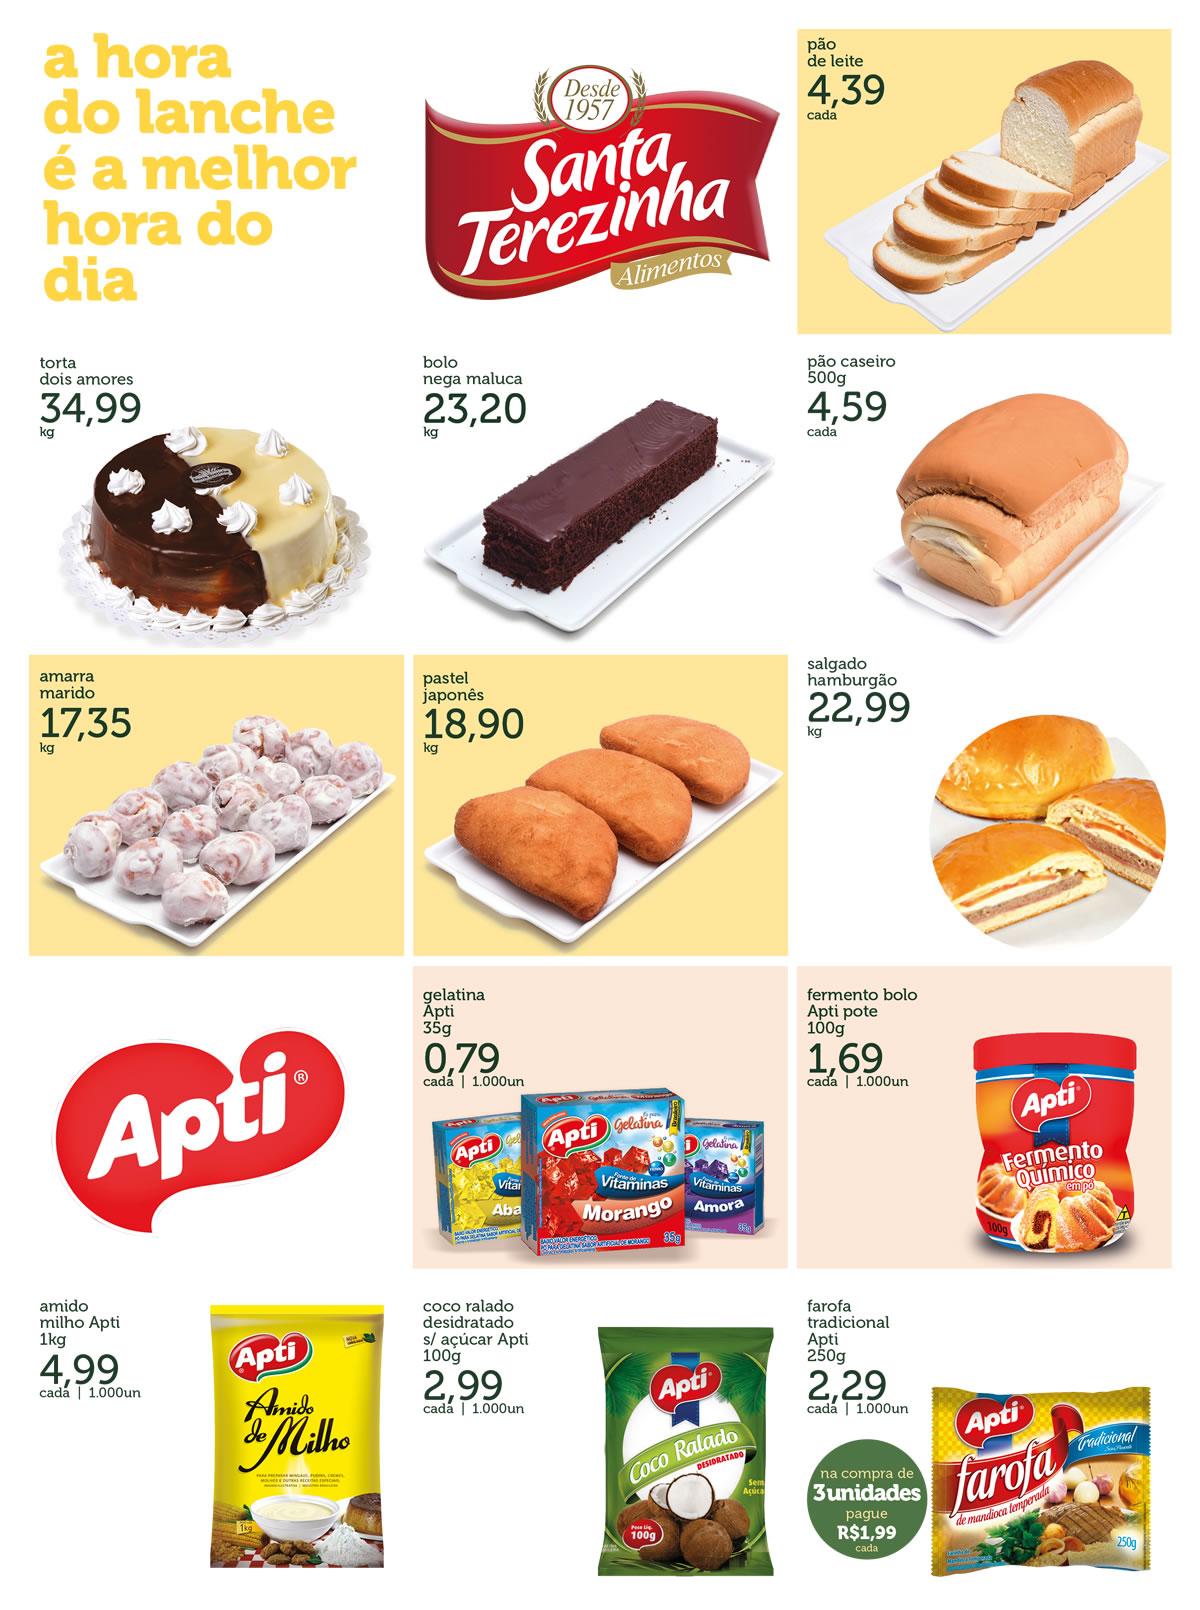 caita_supermercados_tabloide_junho2018_concordia11